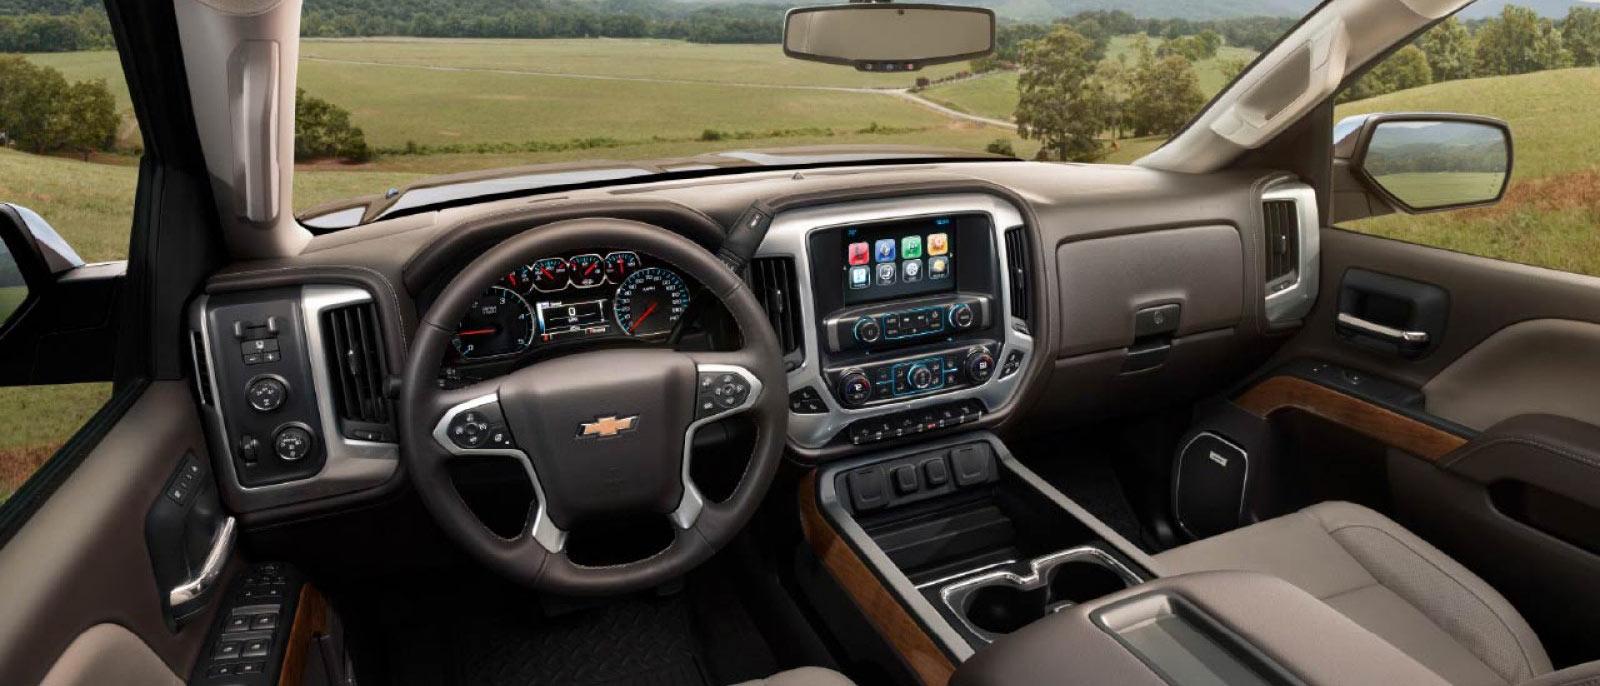 2015 Chevy Silverado 3500 HD